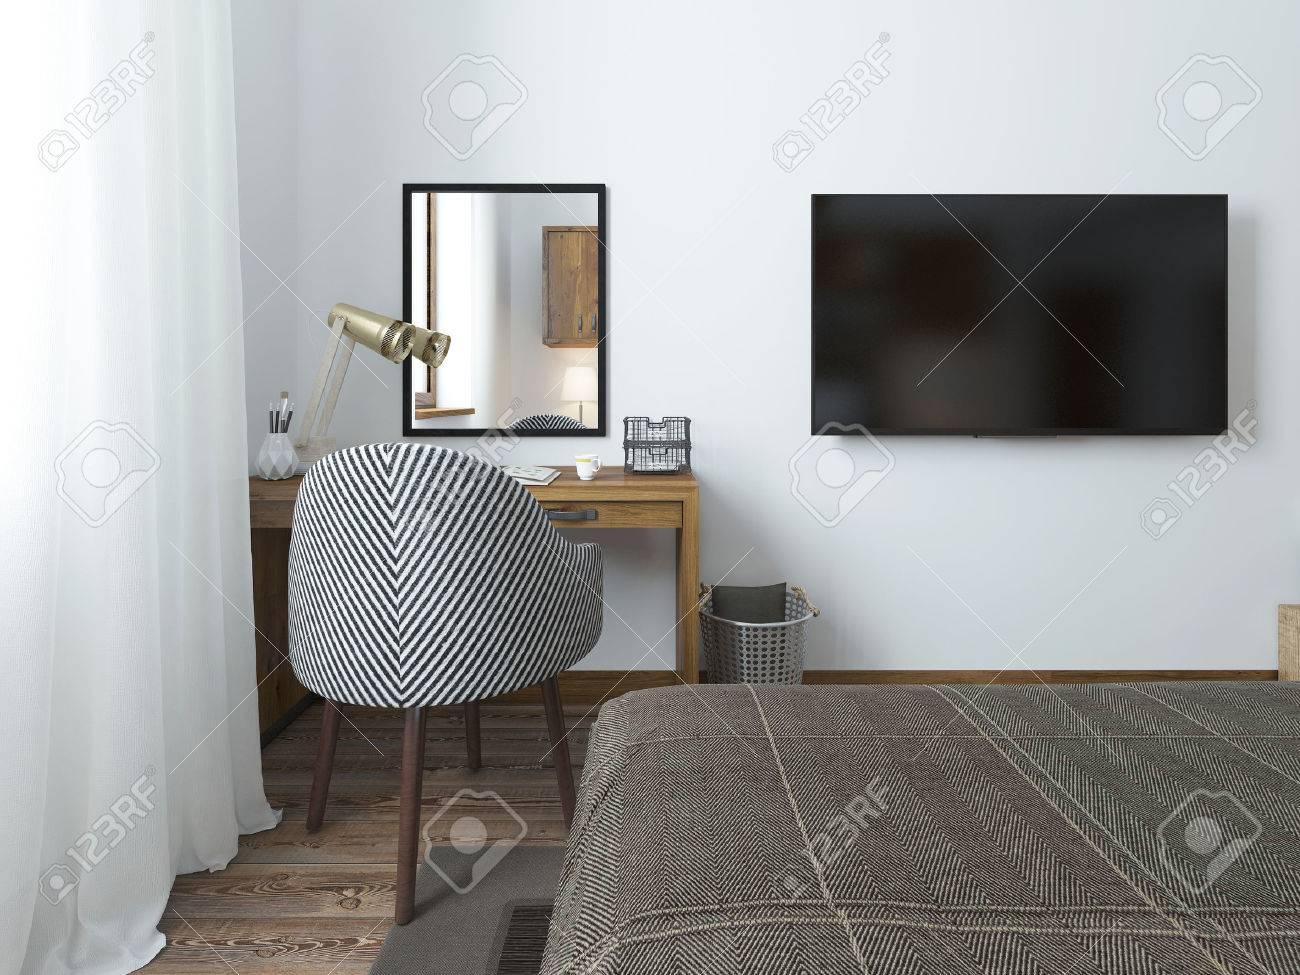 Bureau chambre cheap ltagre string furniture peut aussi se